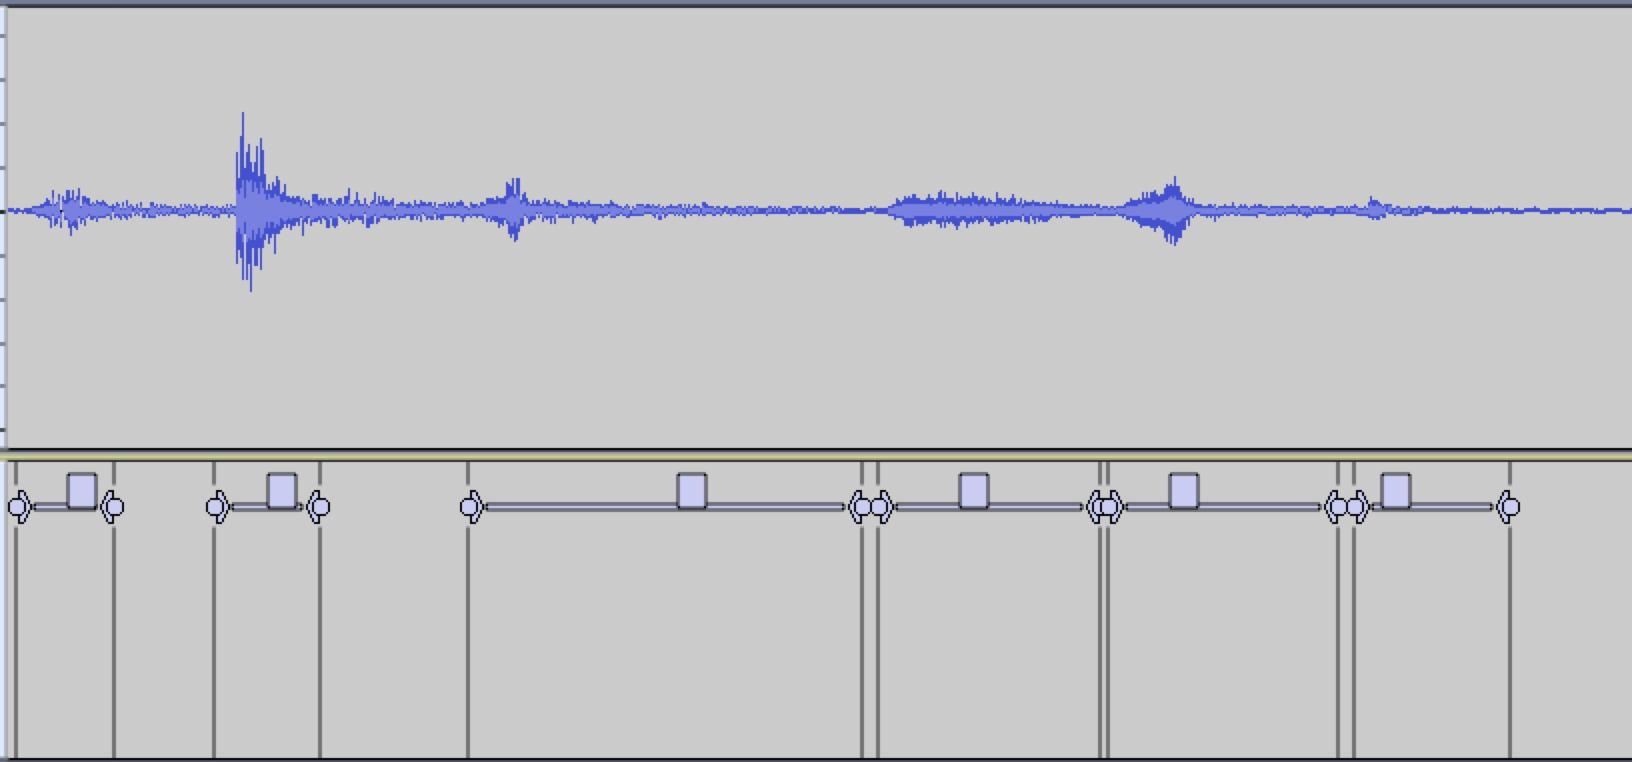 AudioGuide - Documentation